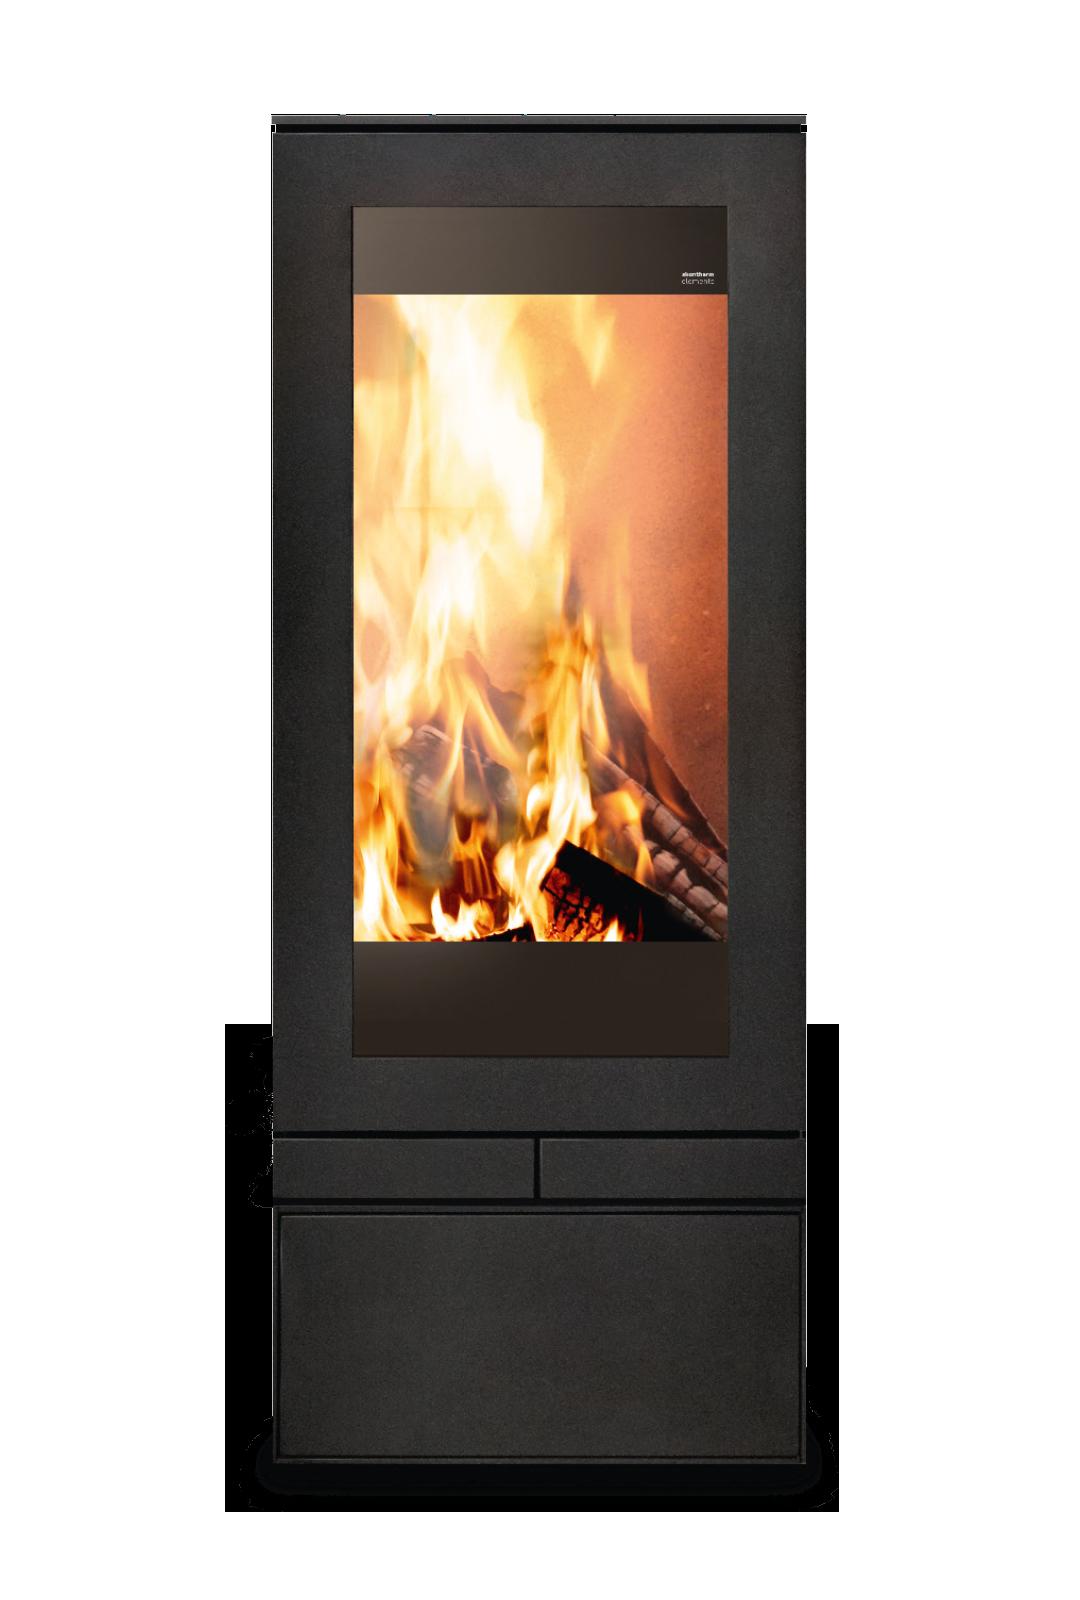 Poêle cheminée ELEMENTS 400 FRONT Skantherm ® - Feu Design - Toulon - Marseille